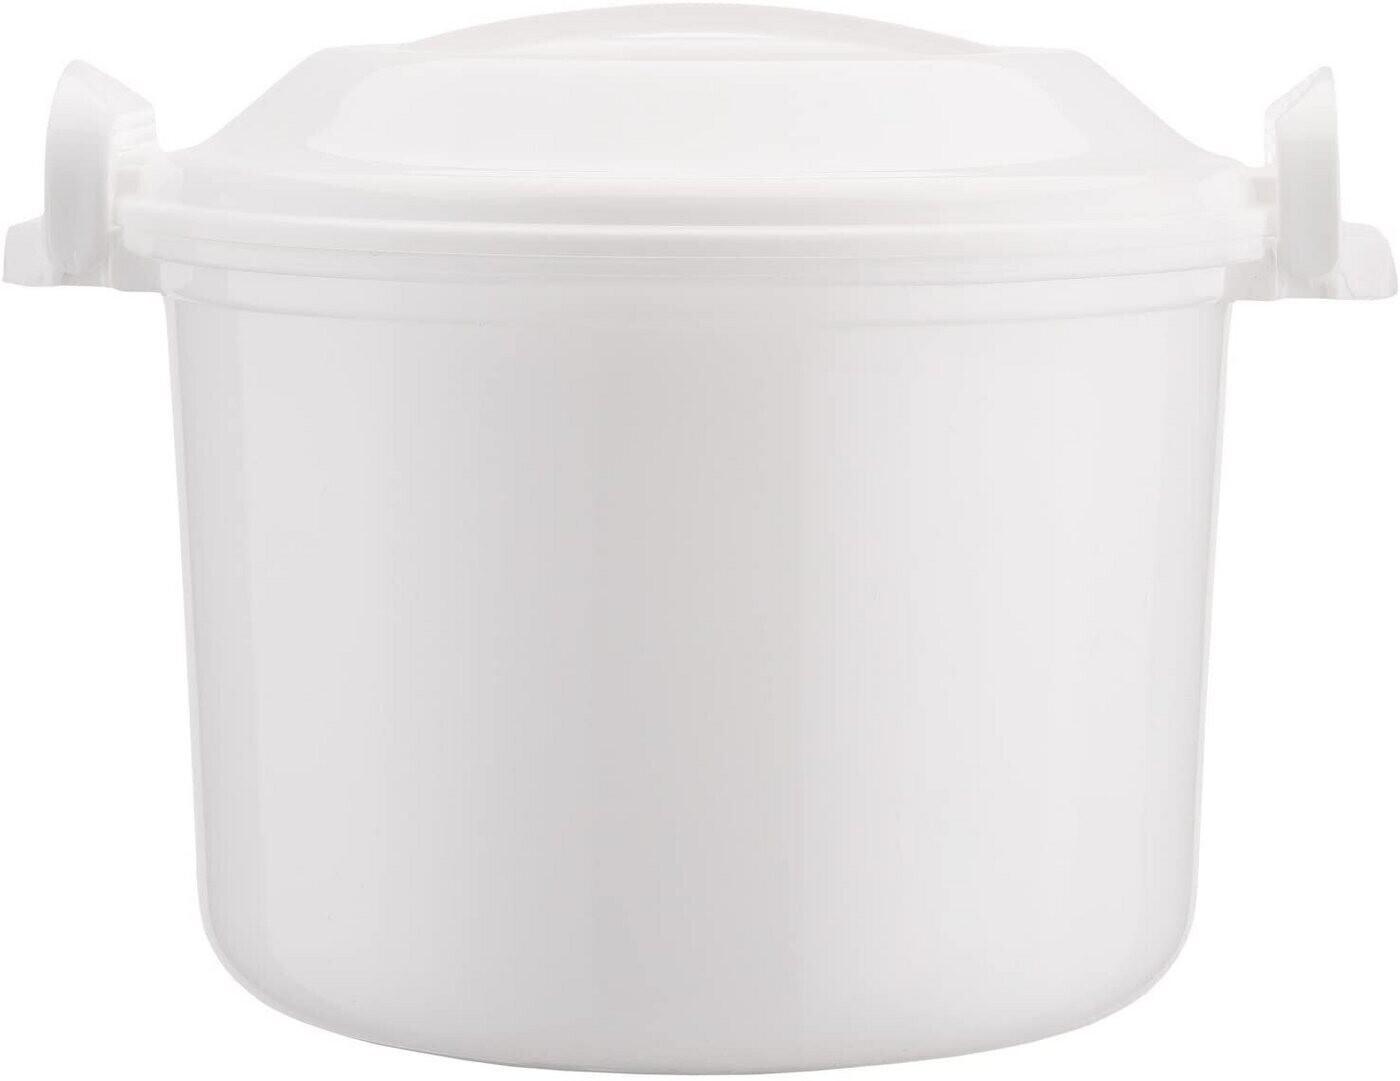 Reishunger Mikrowellen Reiskocher 1,2 l